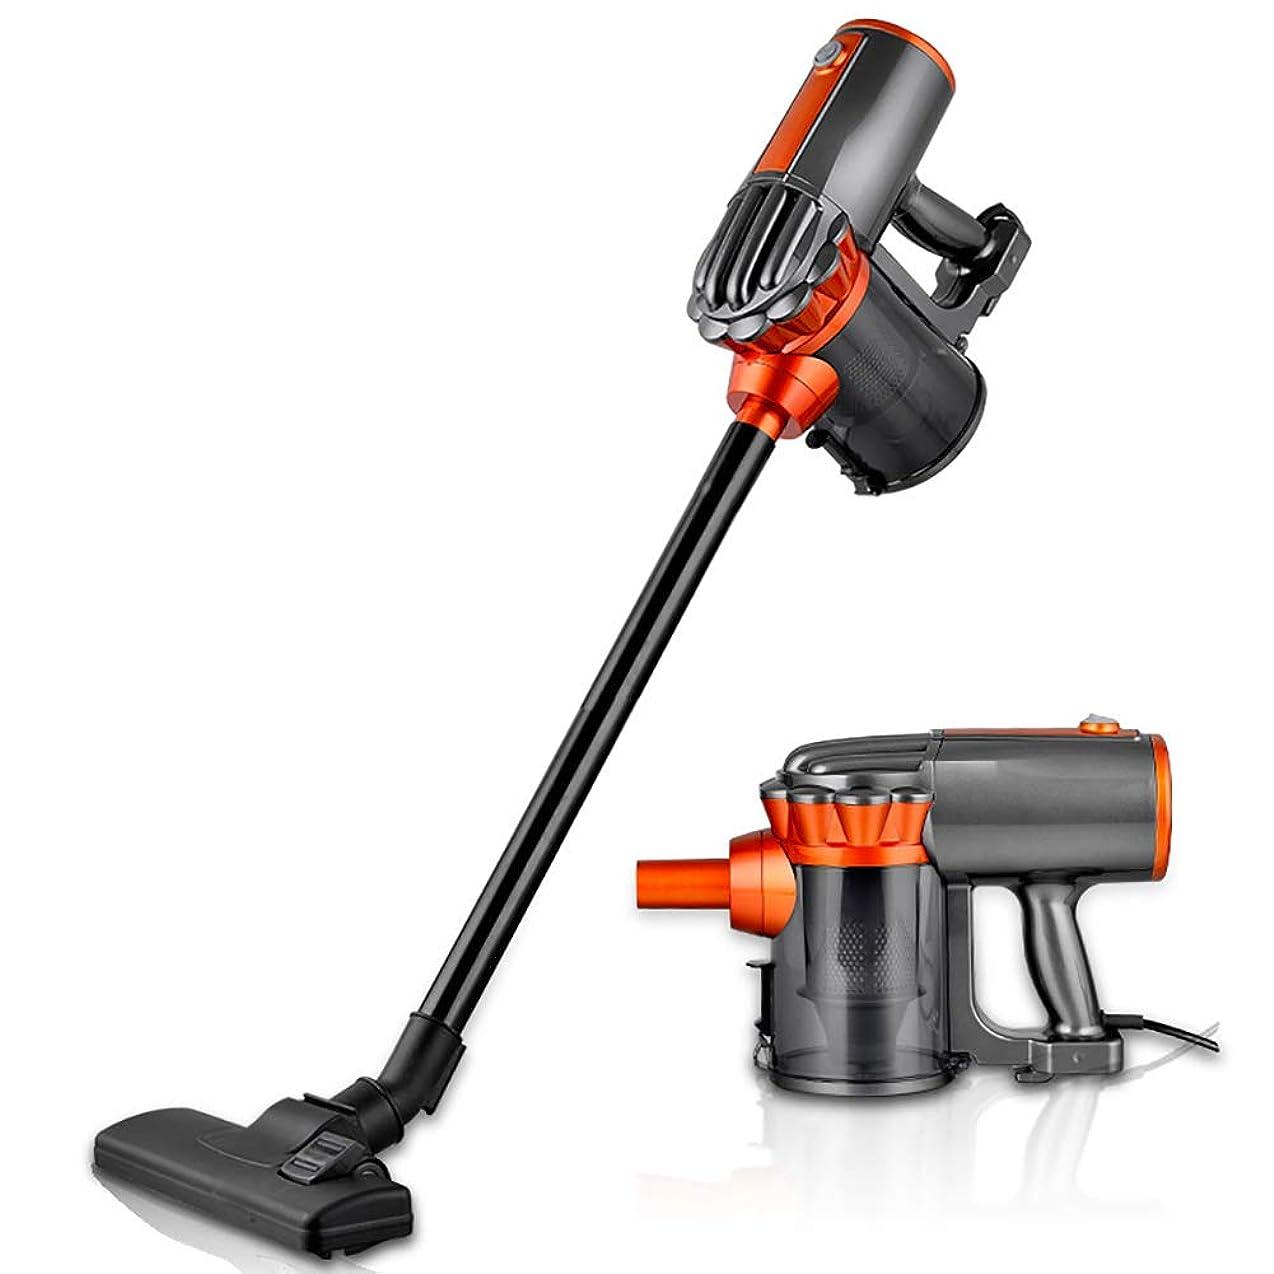 毎日順応性なんでもホームサイクロンフィルターポータブル垂直コードレス掃除機用充電式ハンディ掃除機